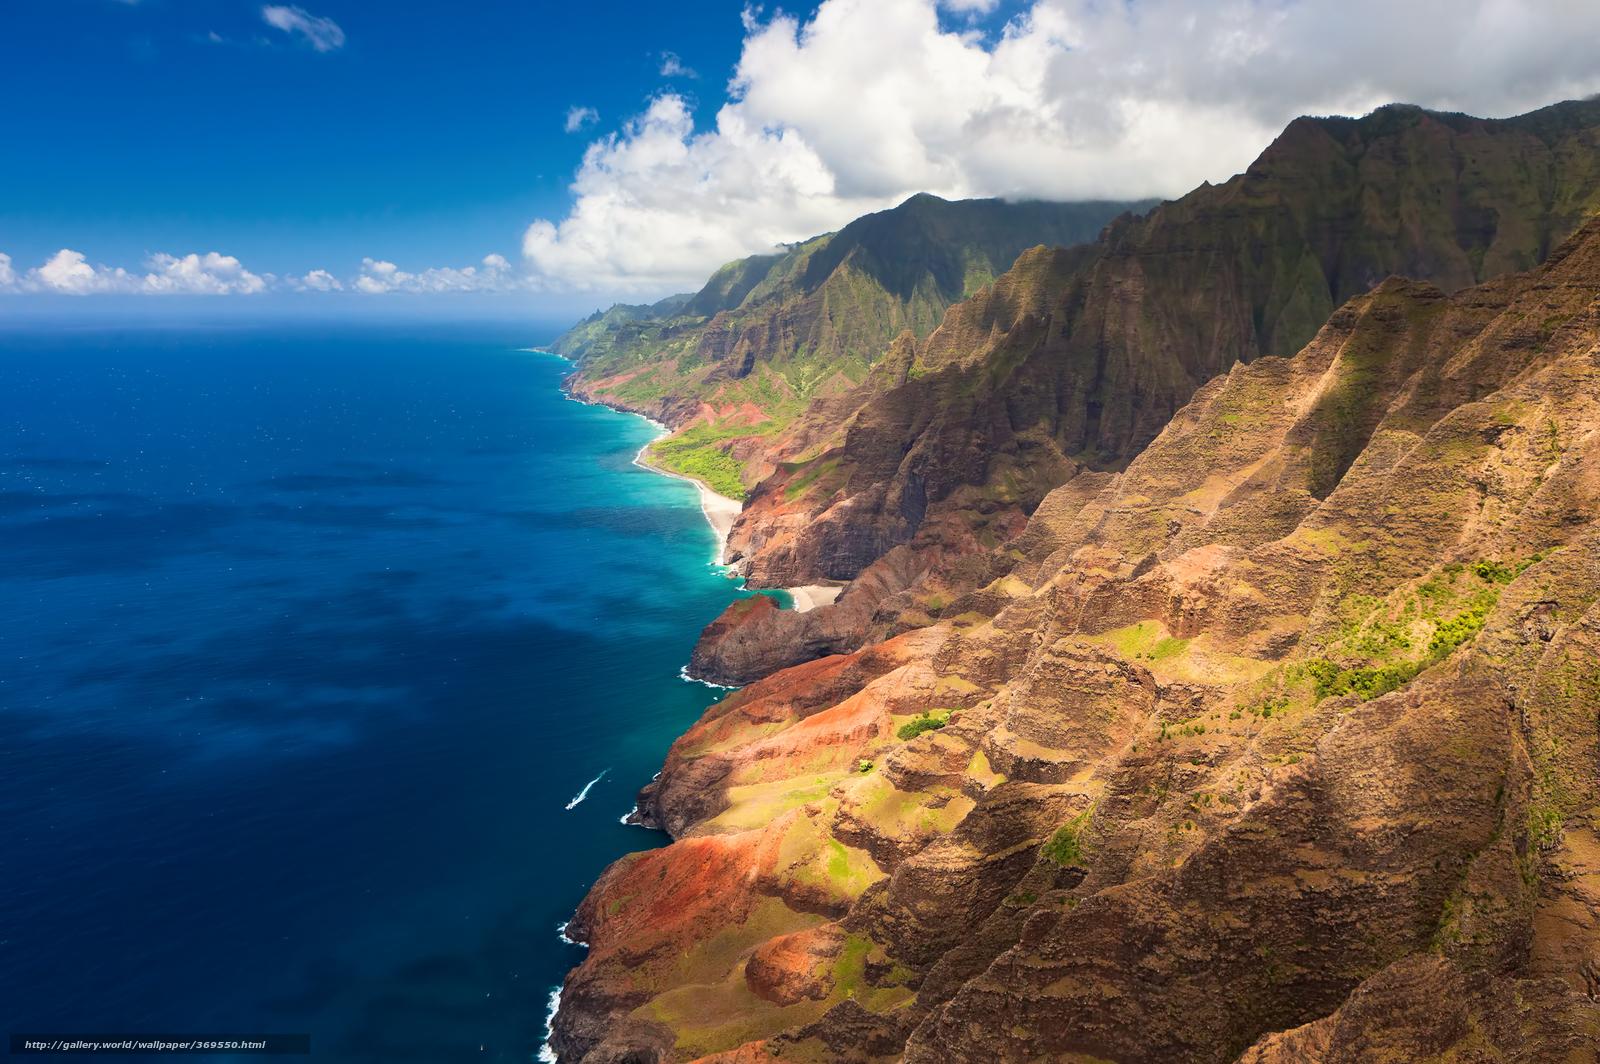 Tlcharger Fond d'ecran Hawaii, cte, Montagnes, nuages Fonds d'ecran gratuits pour votre ...